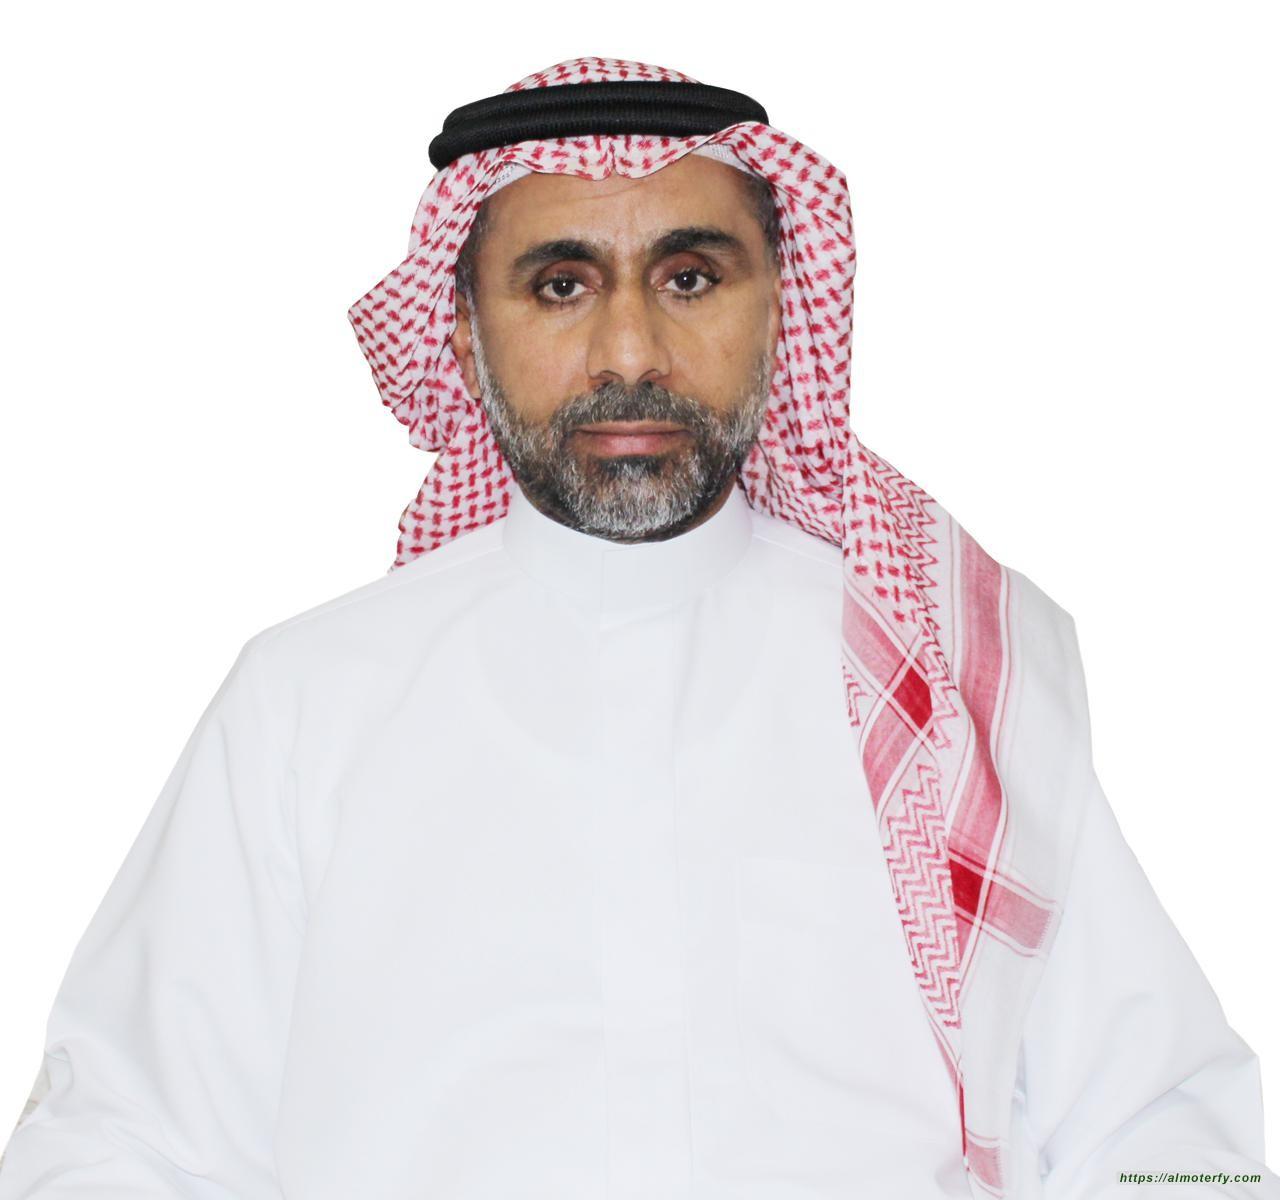 عبدالله الوحشي رئيسًا للاتحاد السعودي للشطرنج